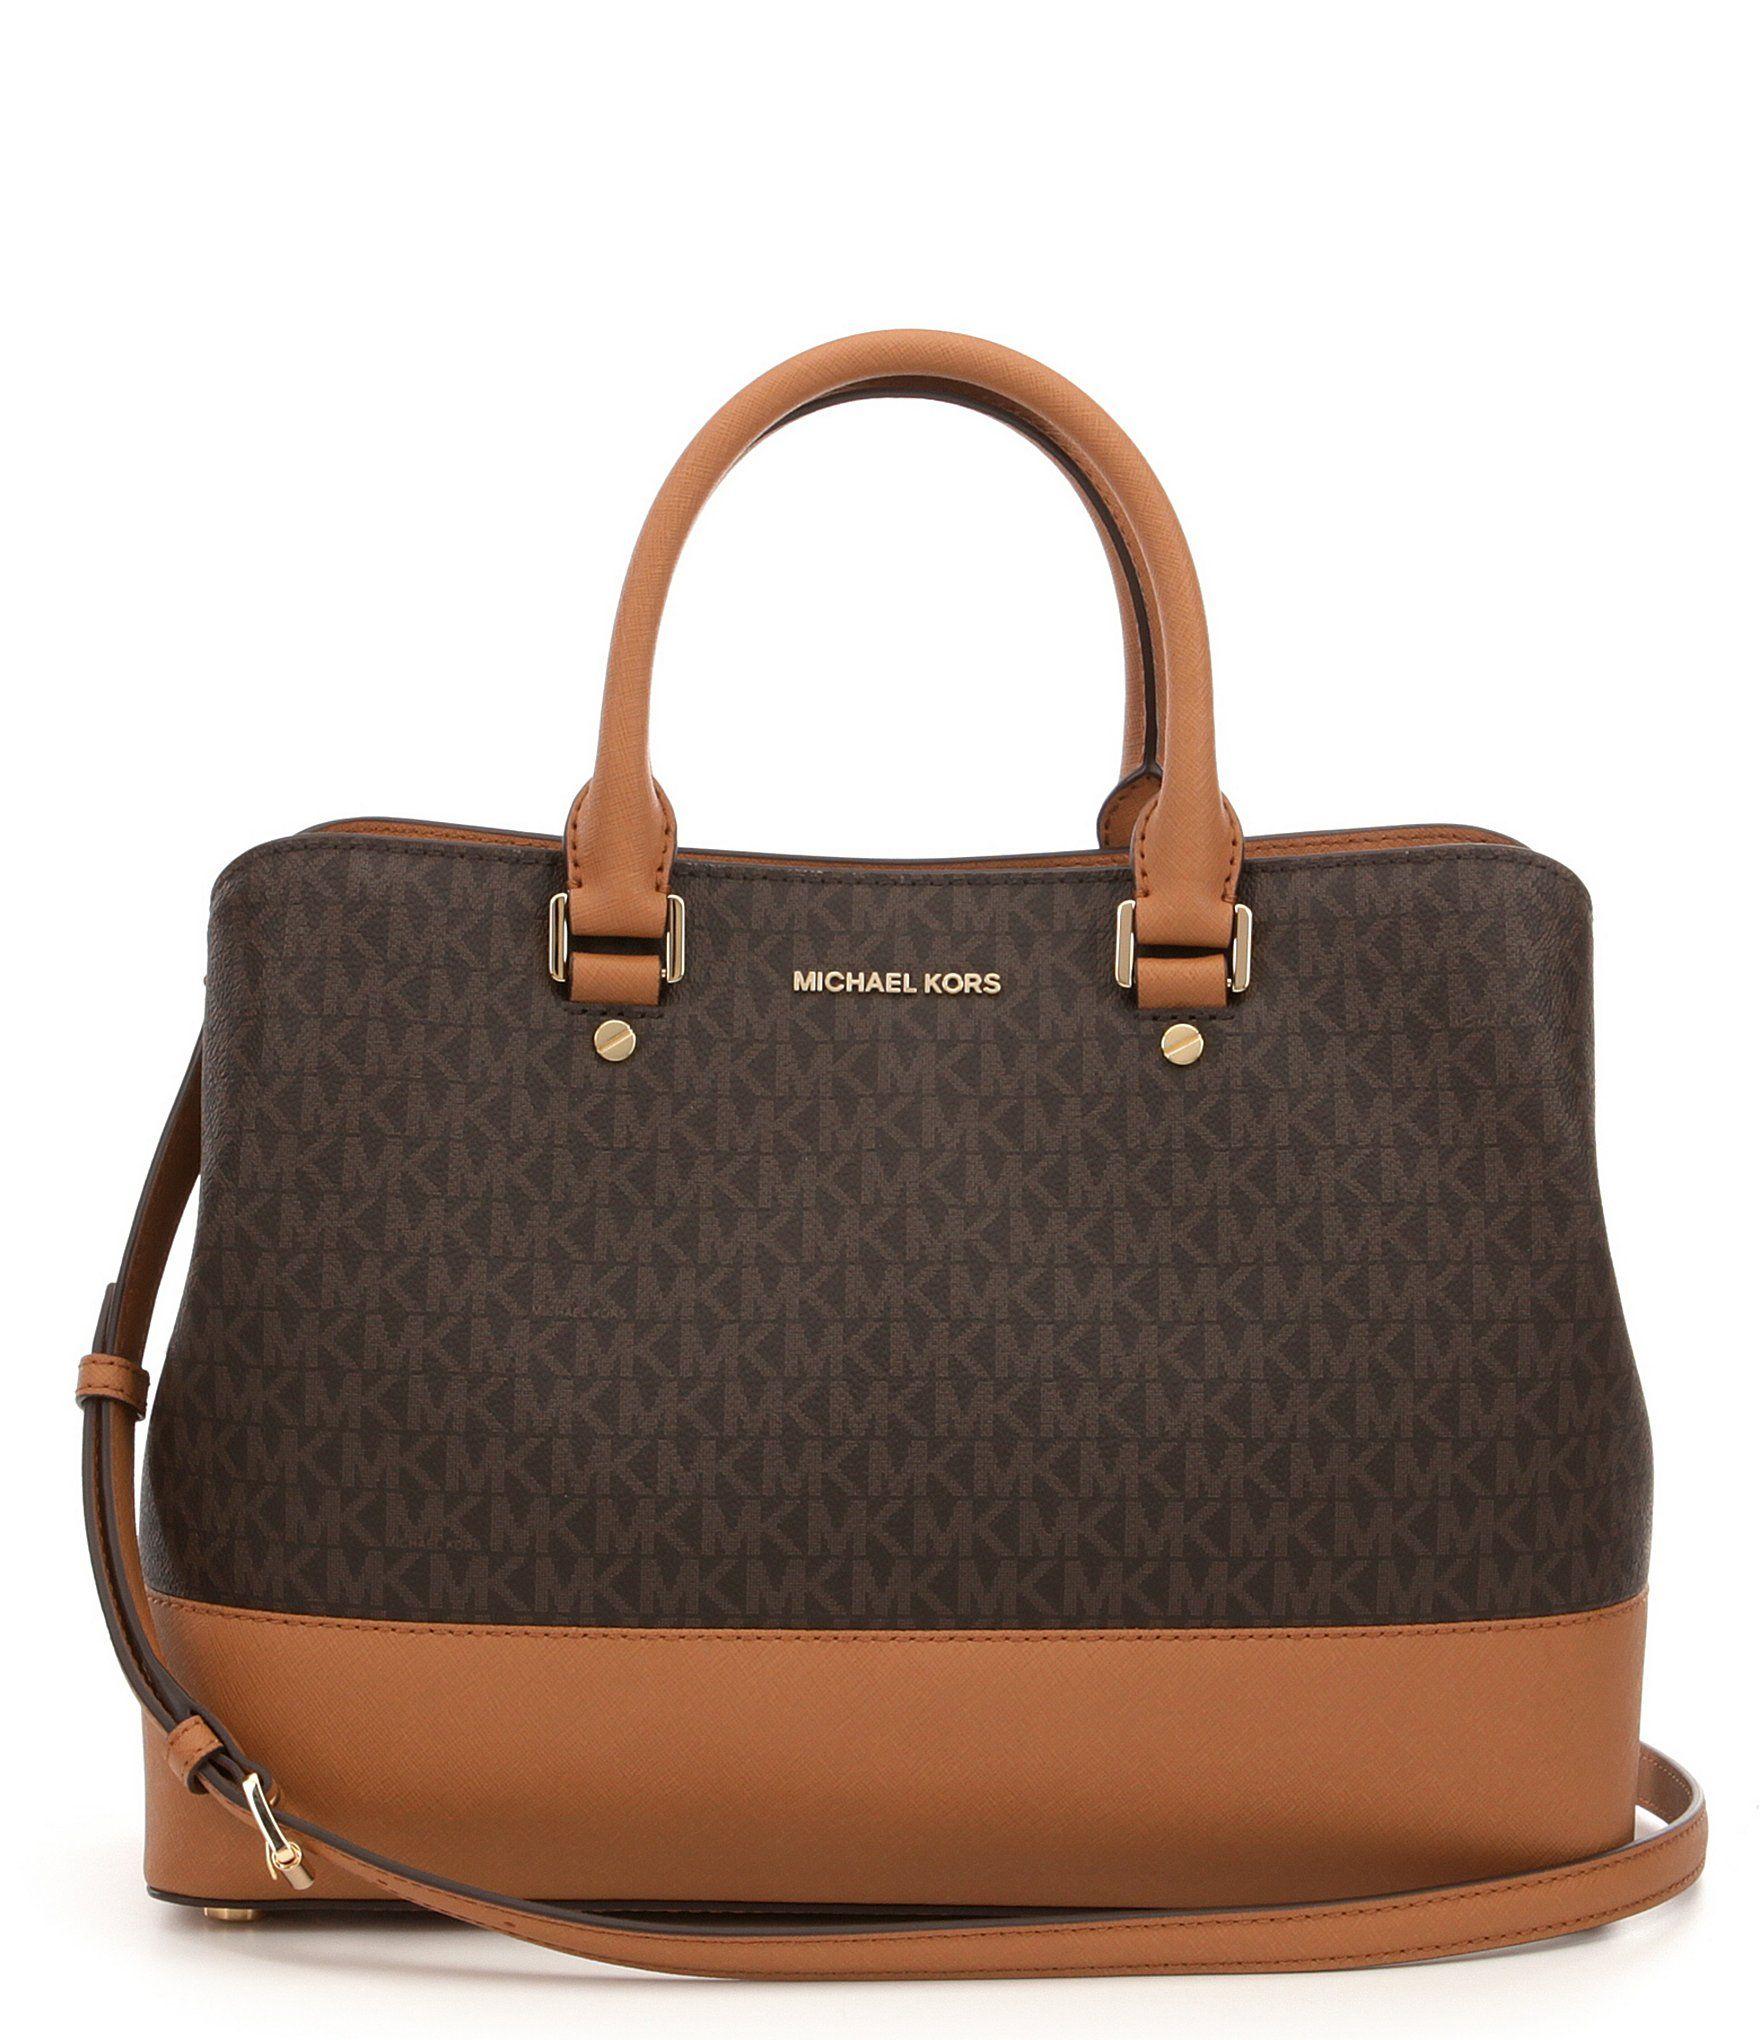 Brown Handbags Bags Michael Kors Savannah